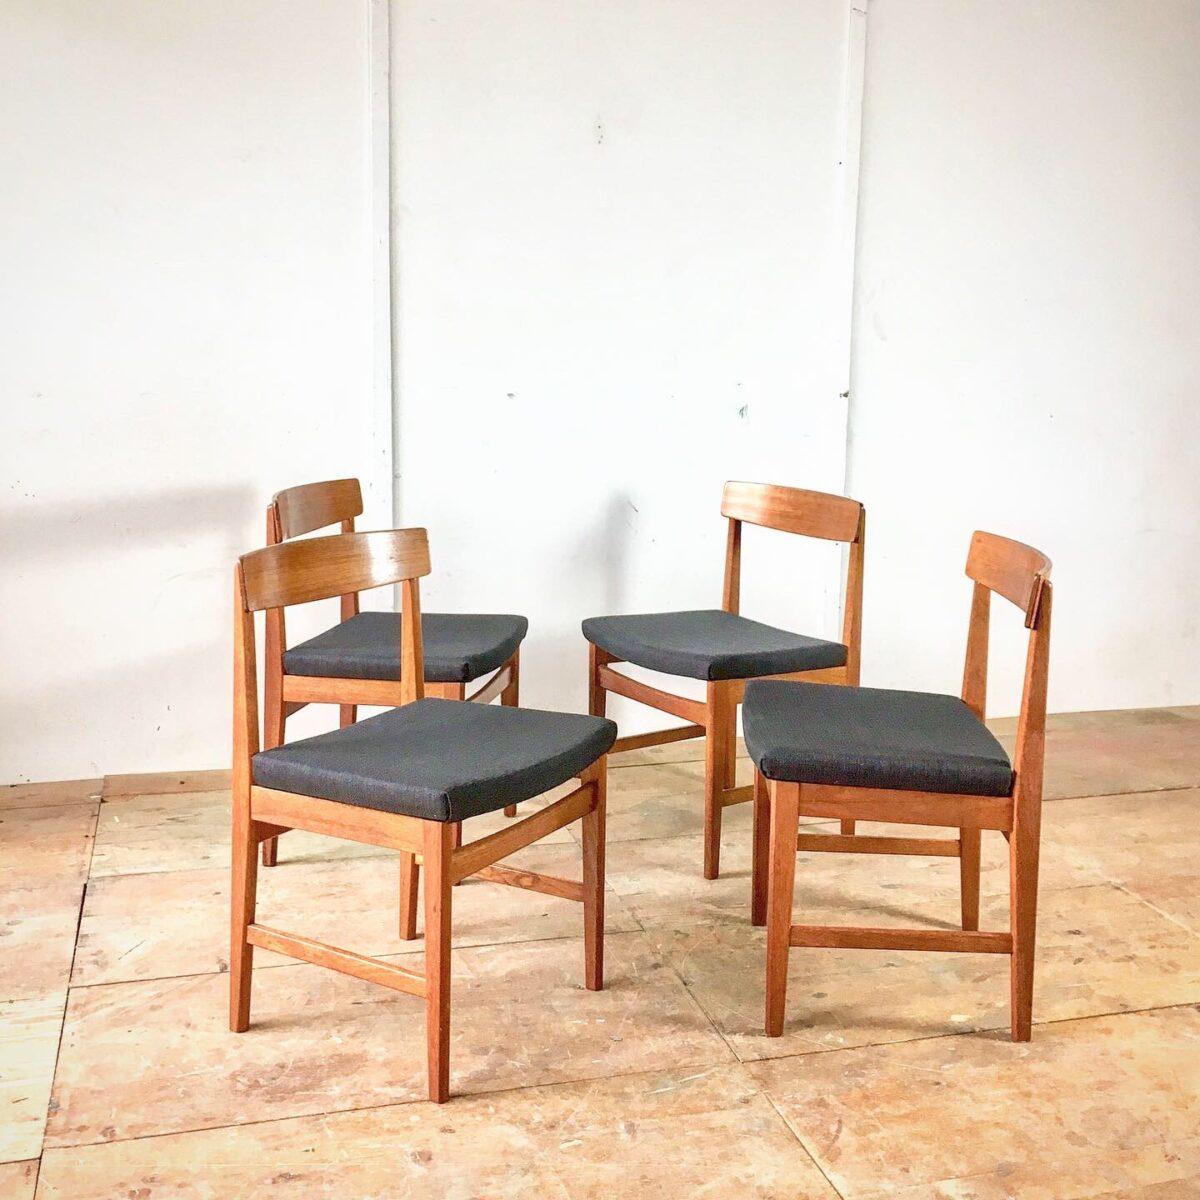 Teak Holzstühle mit Tannengrün/blauem Stoff. Schwedische midcentury Esszimer Stühle von Ulferts.